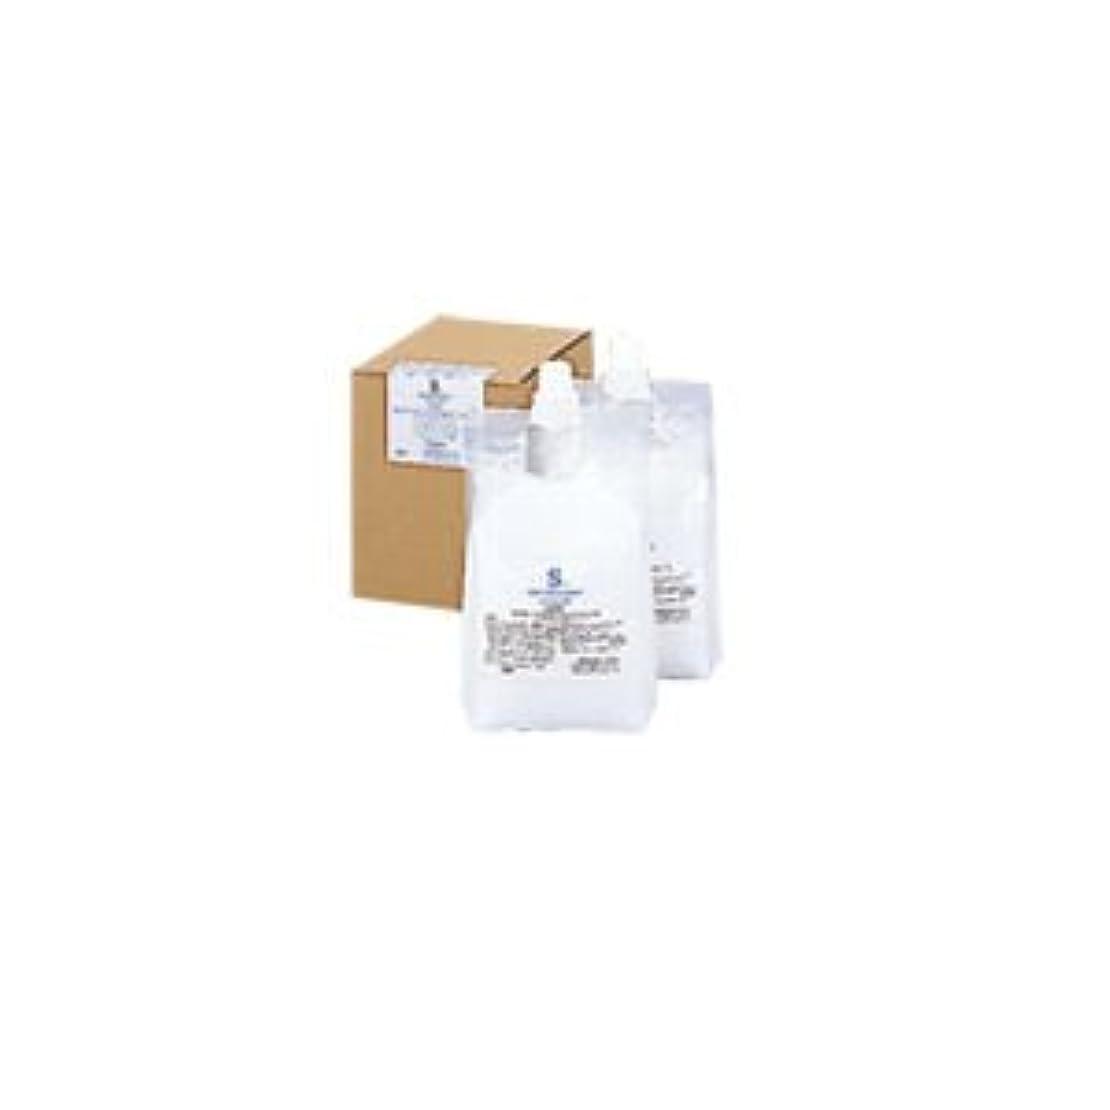 サージお香に渡ってナカノ センフィーク コンディショナー スムース 3000ml(1500ml×2)レフィル